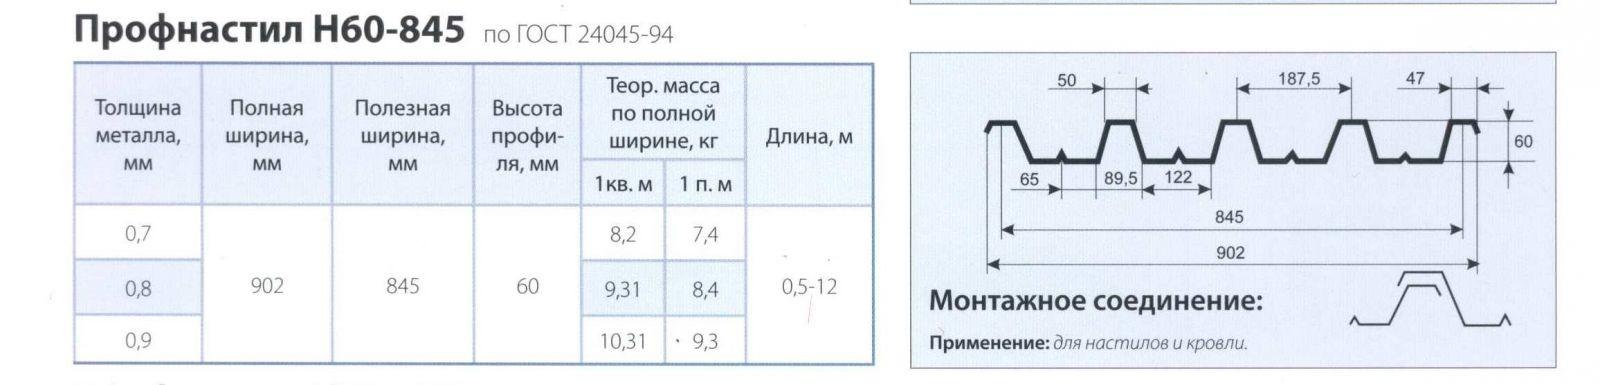 профнастил н60 845 0 8 вес м2